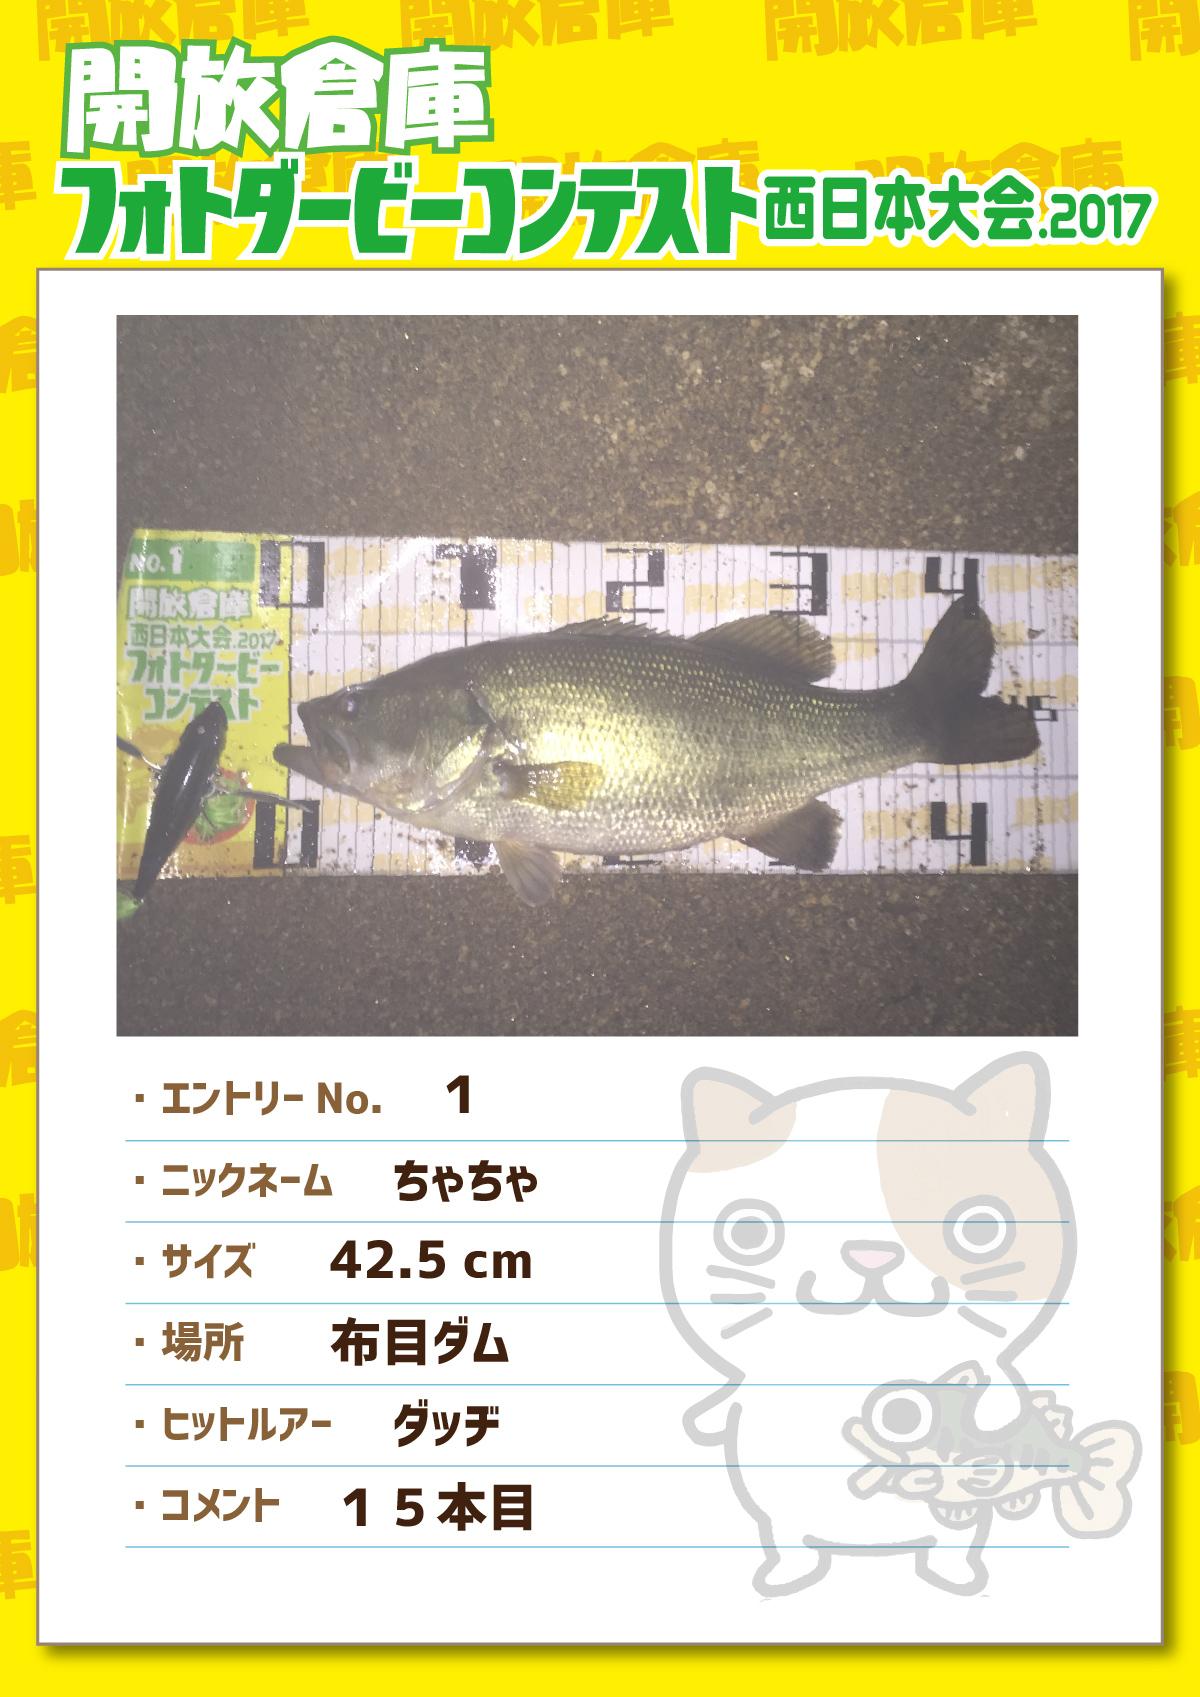 No.001 ちゃちゃ 42.5cm 布目ダム ダッヂ 15本目